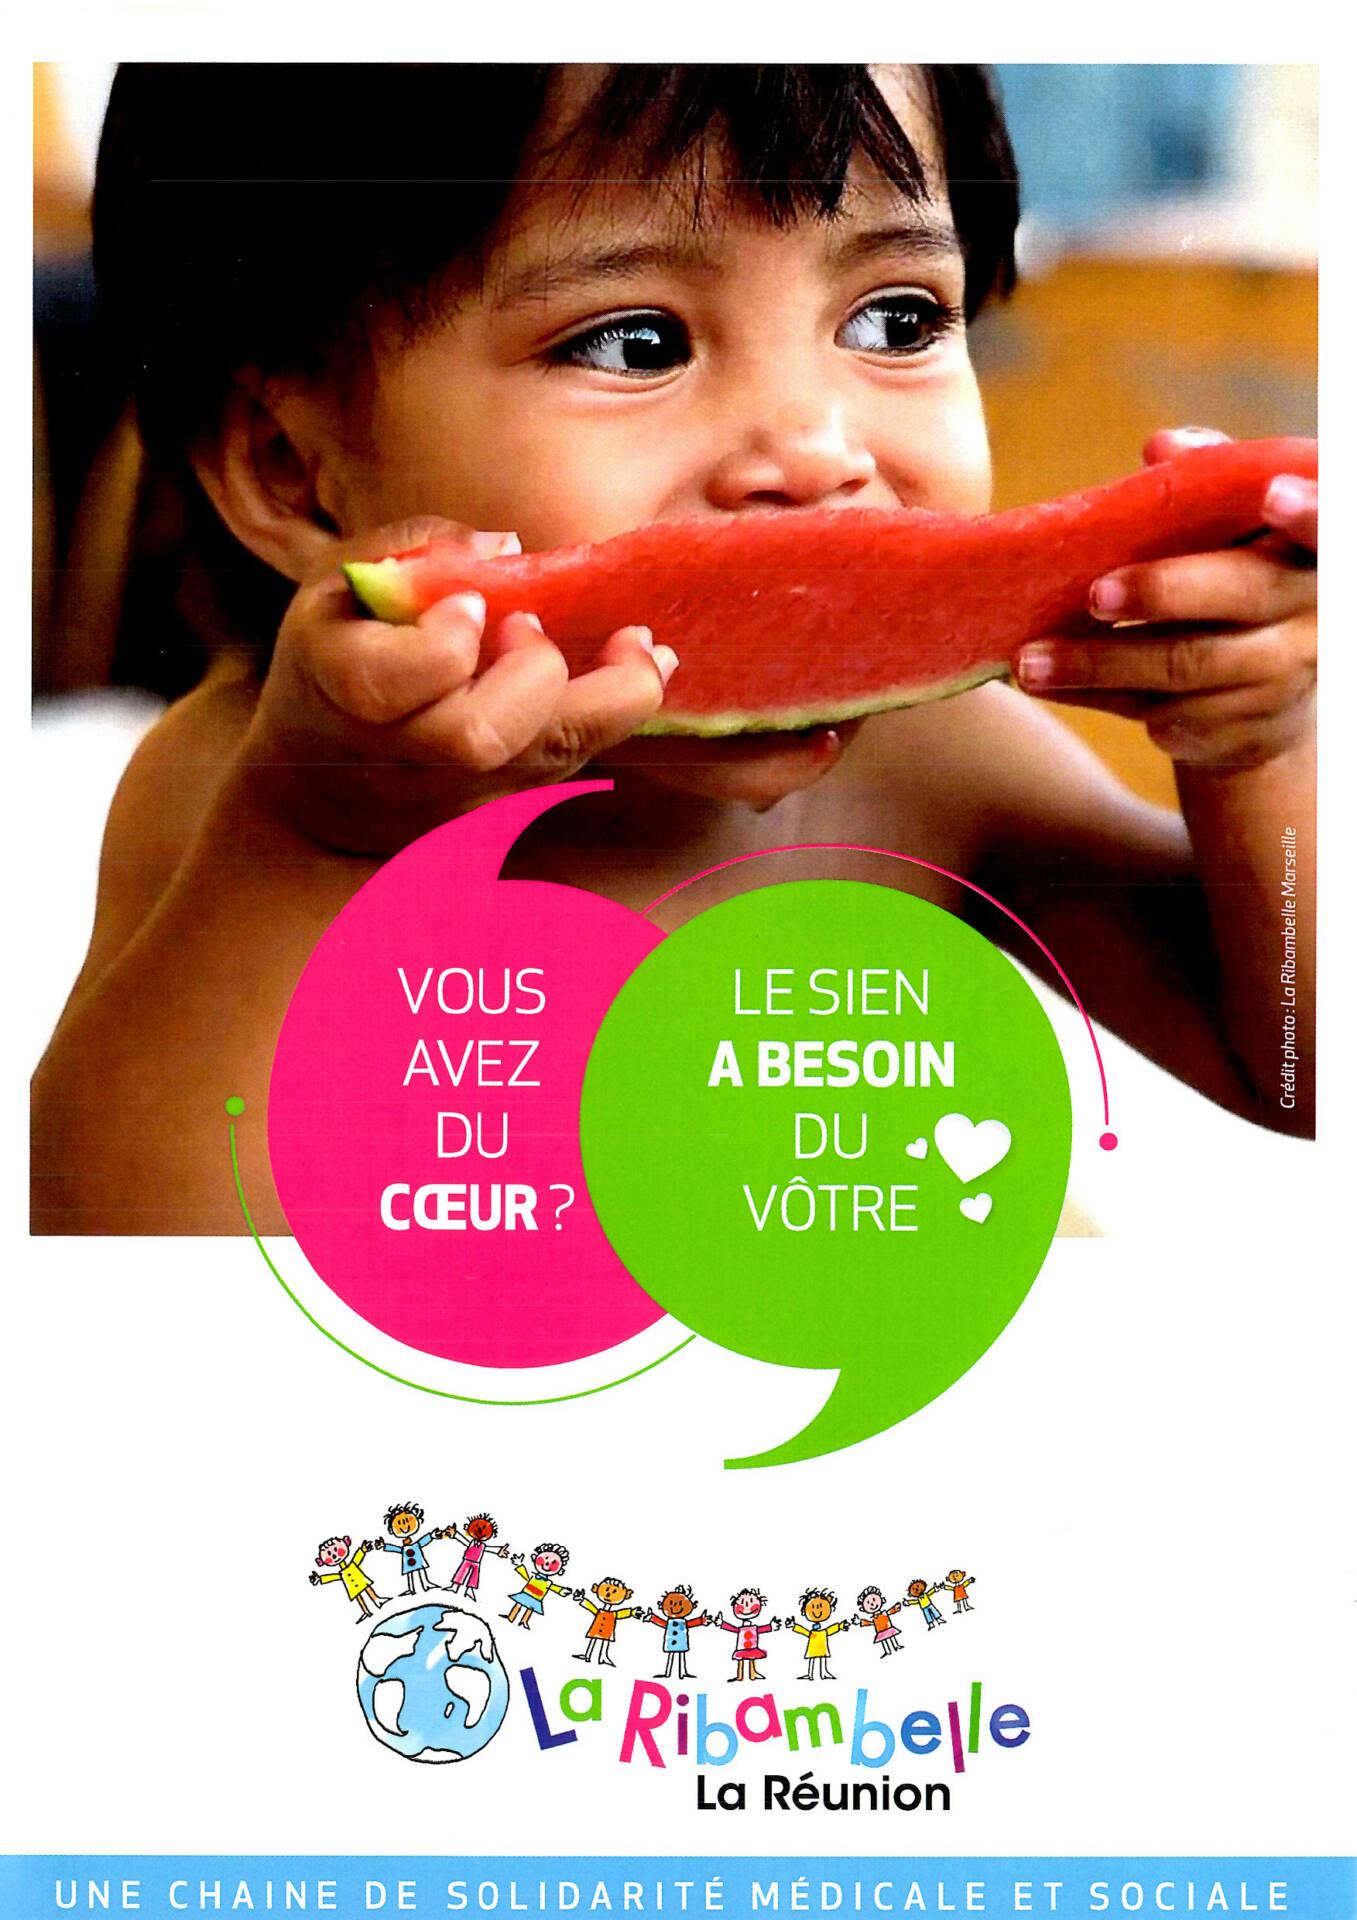 Un service de cardiologie pour les enfants malgaches à La Réunion 974 | La Ribambelle